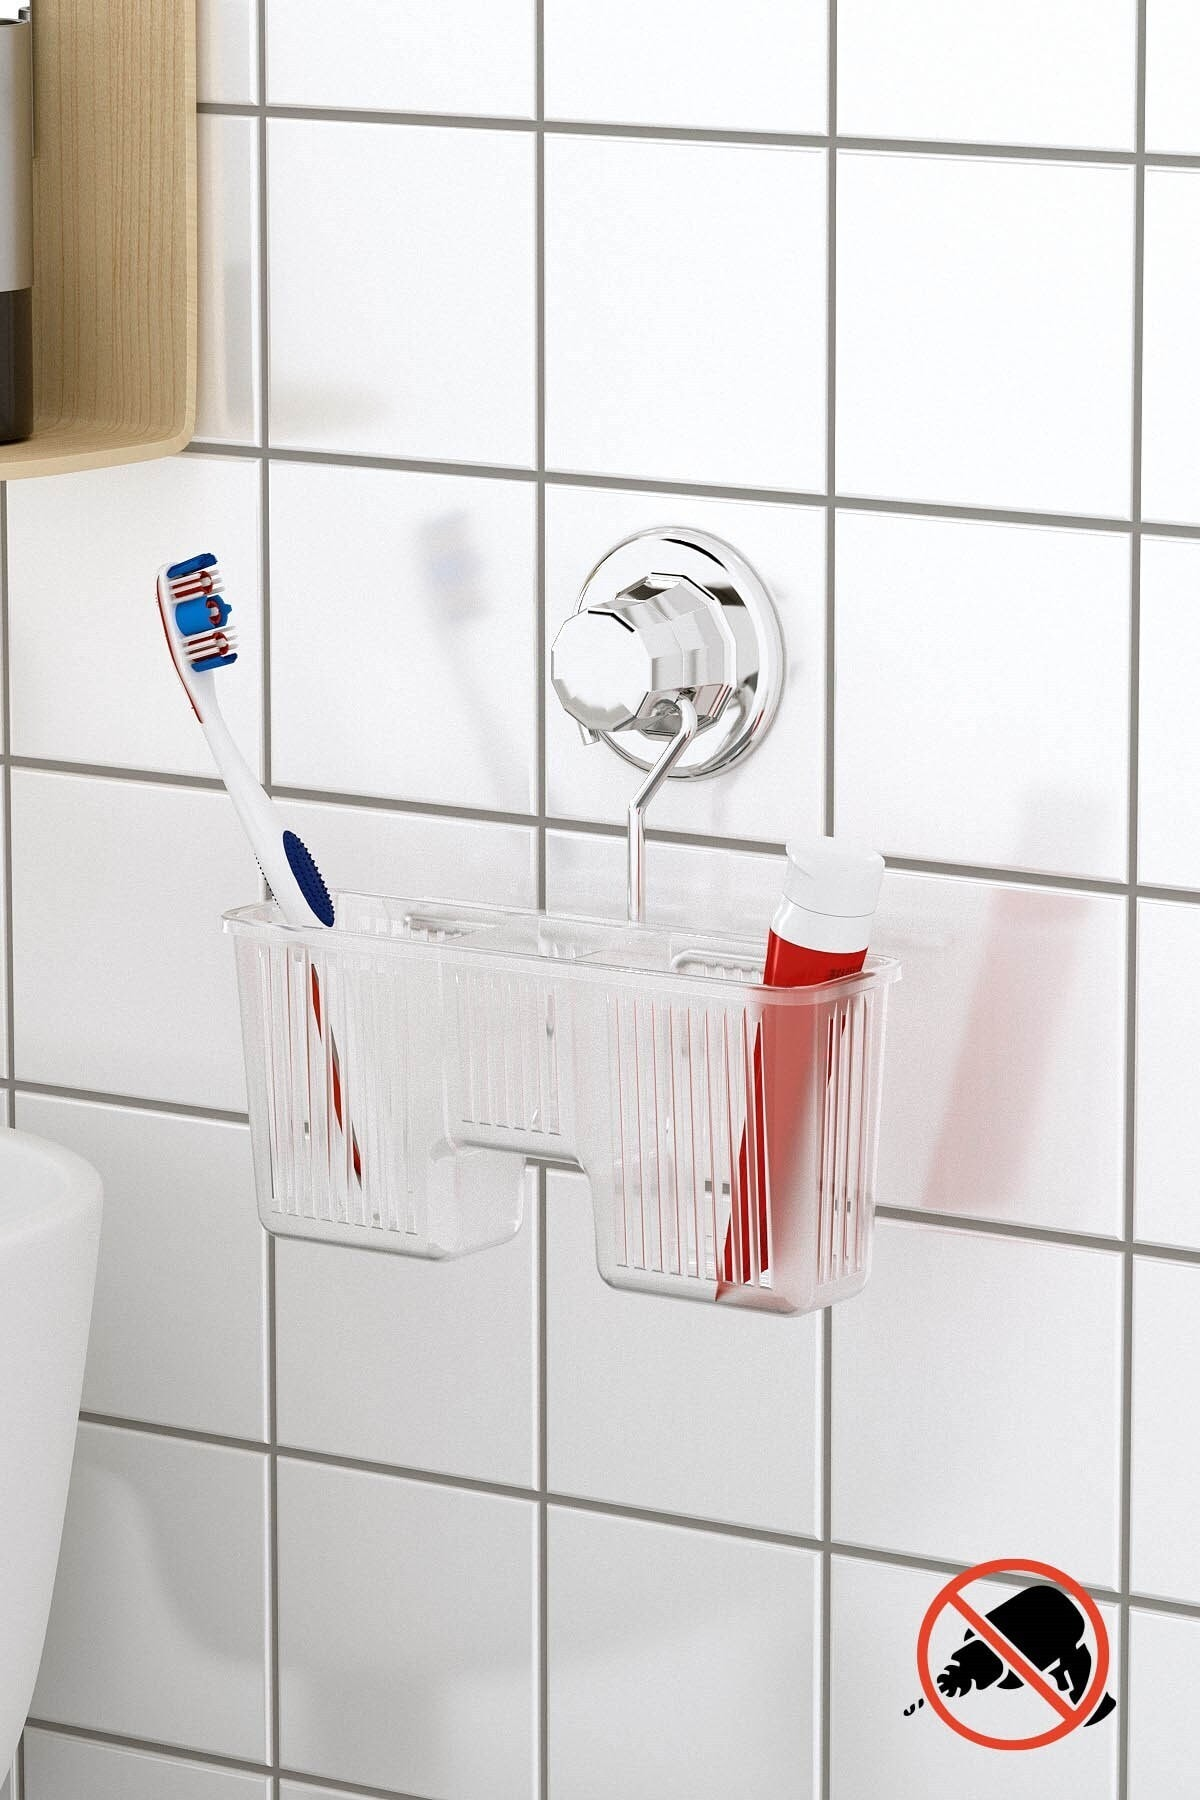 Teknotel Delme Vida Matkap Yok! Vakumlu Plastik Çok Amaçlı Banyo Fırçalık Rafı Krom Dm058 1